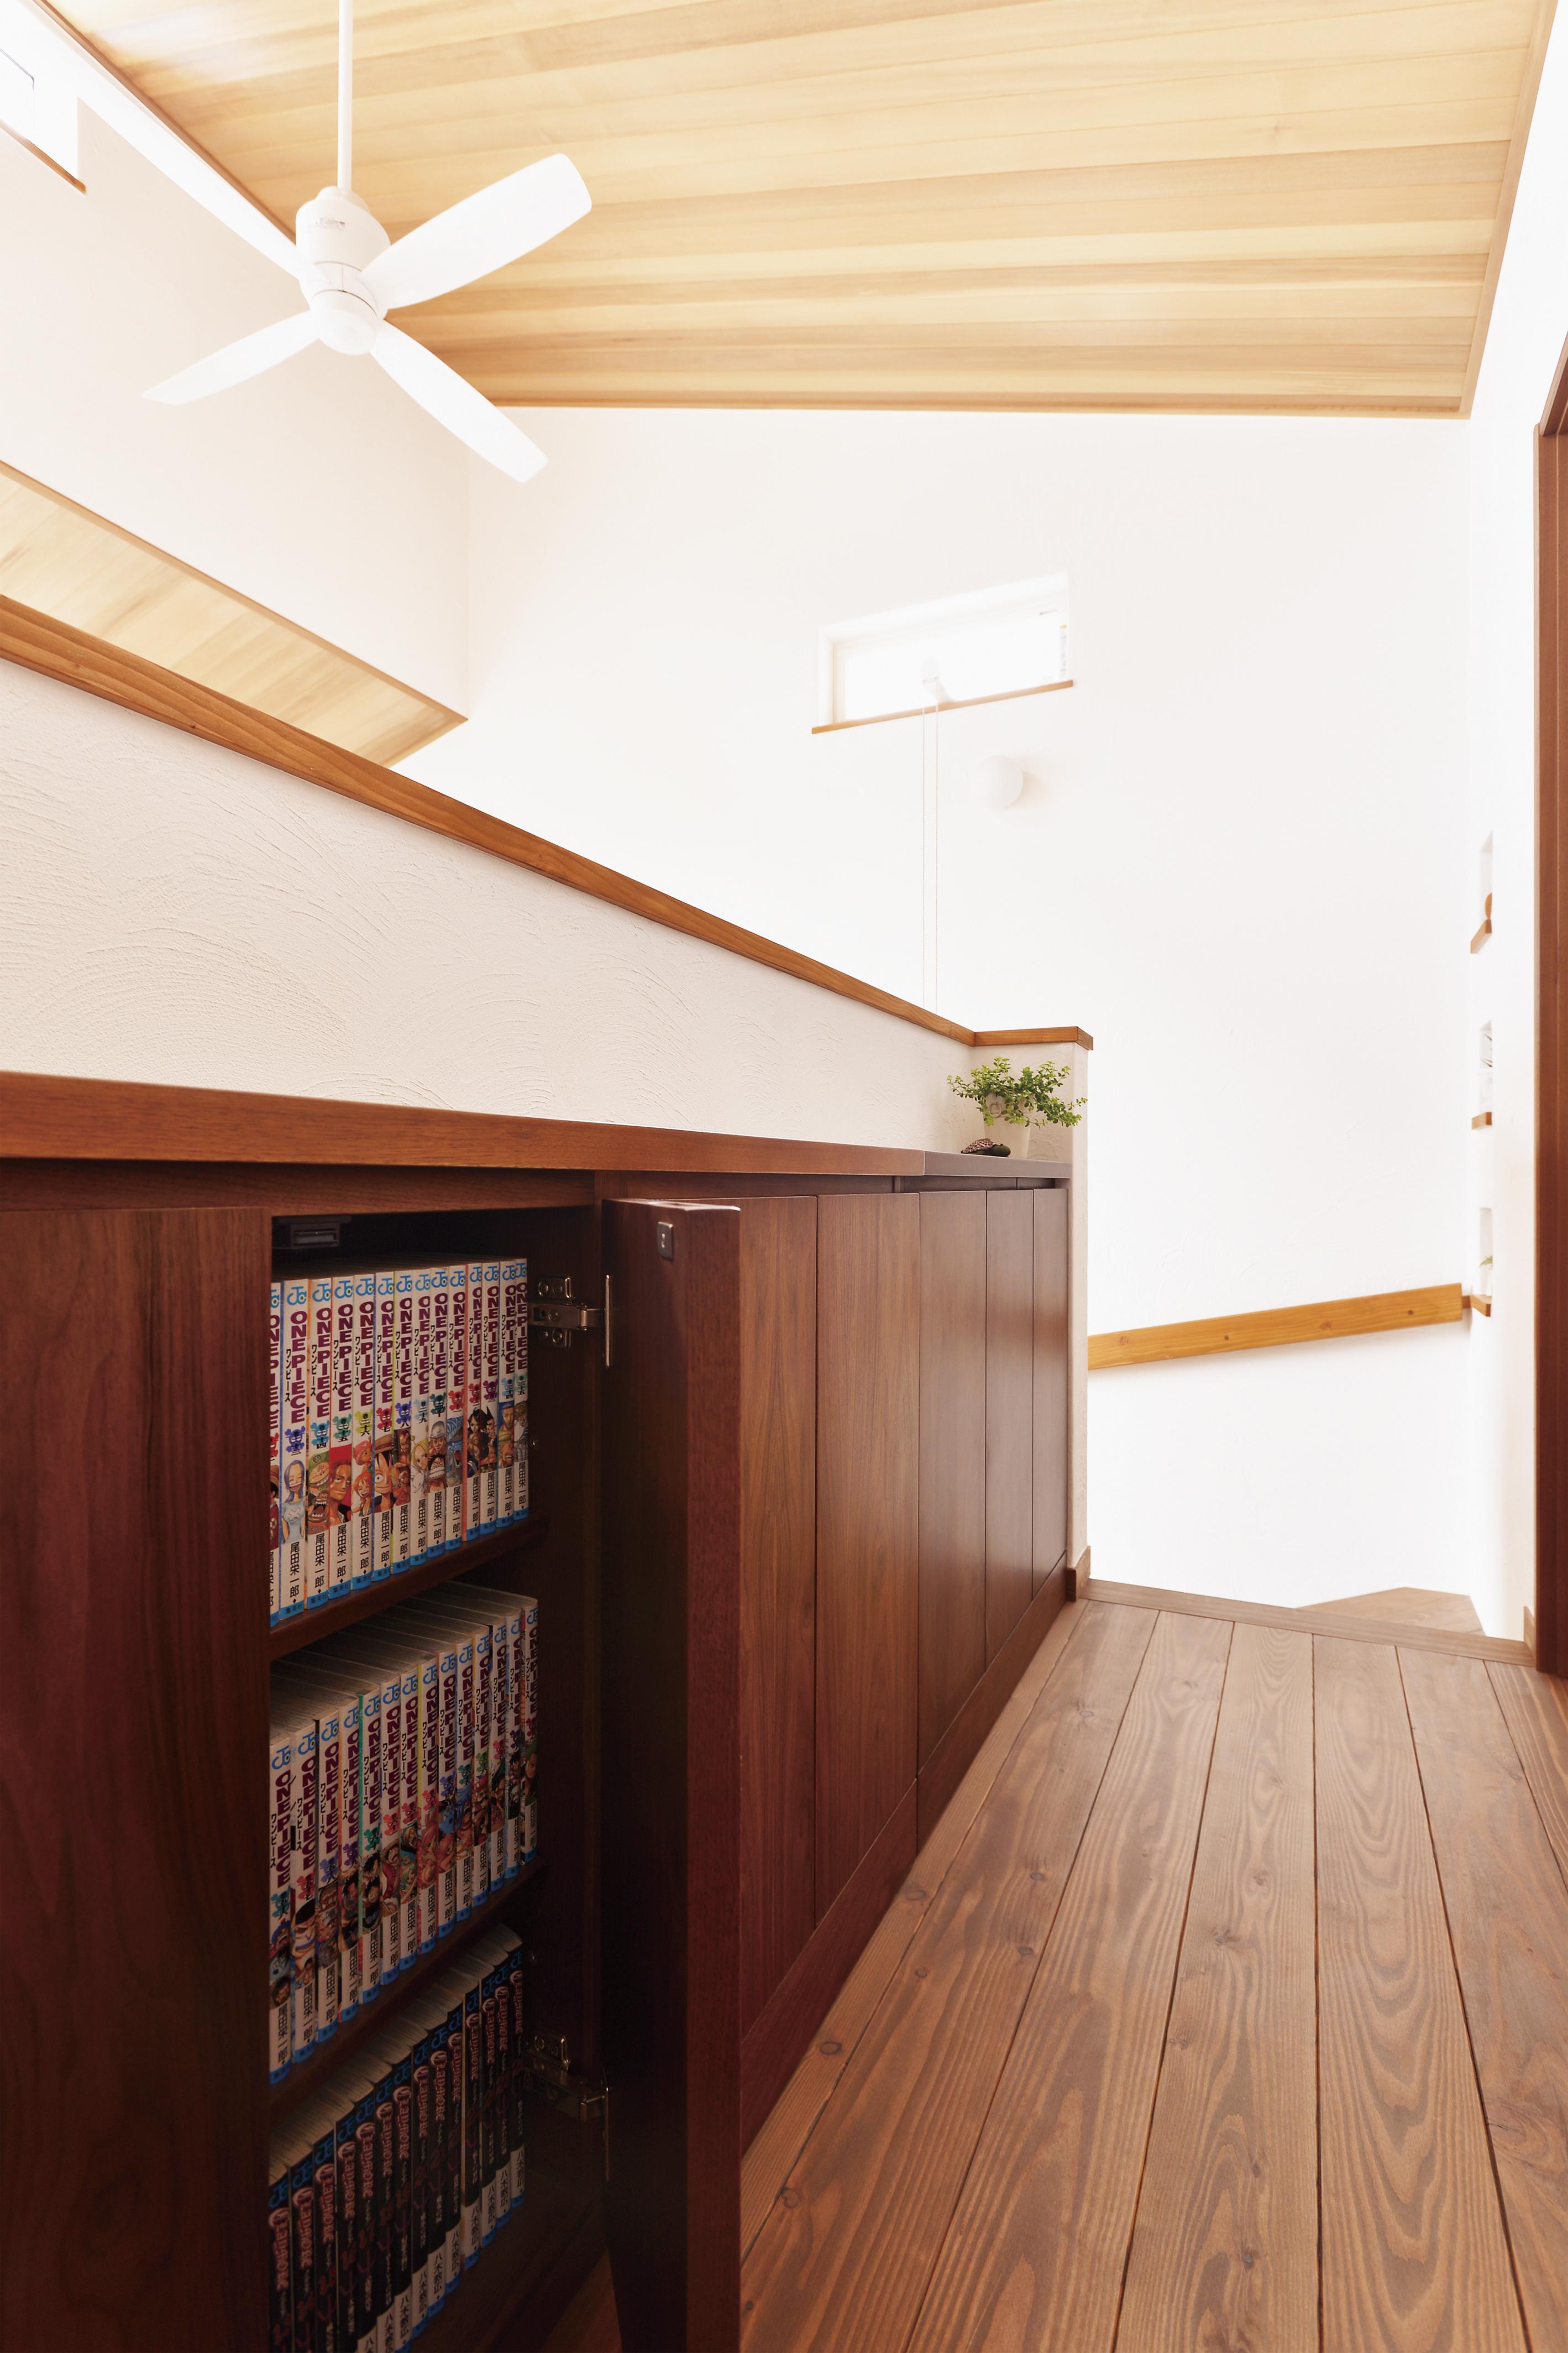 吹き抜けの上は廊下兼書庫